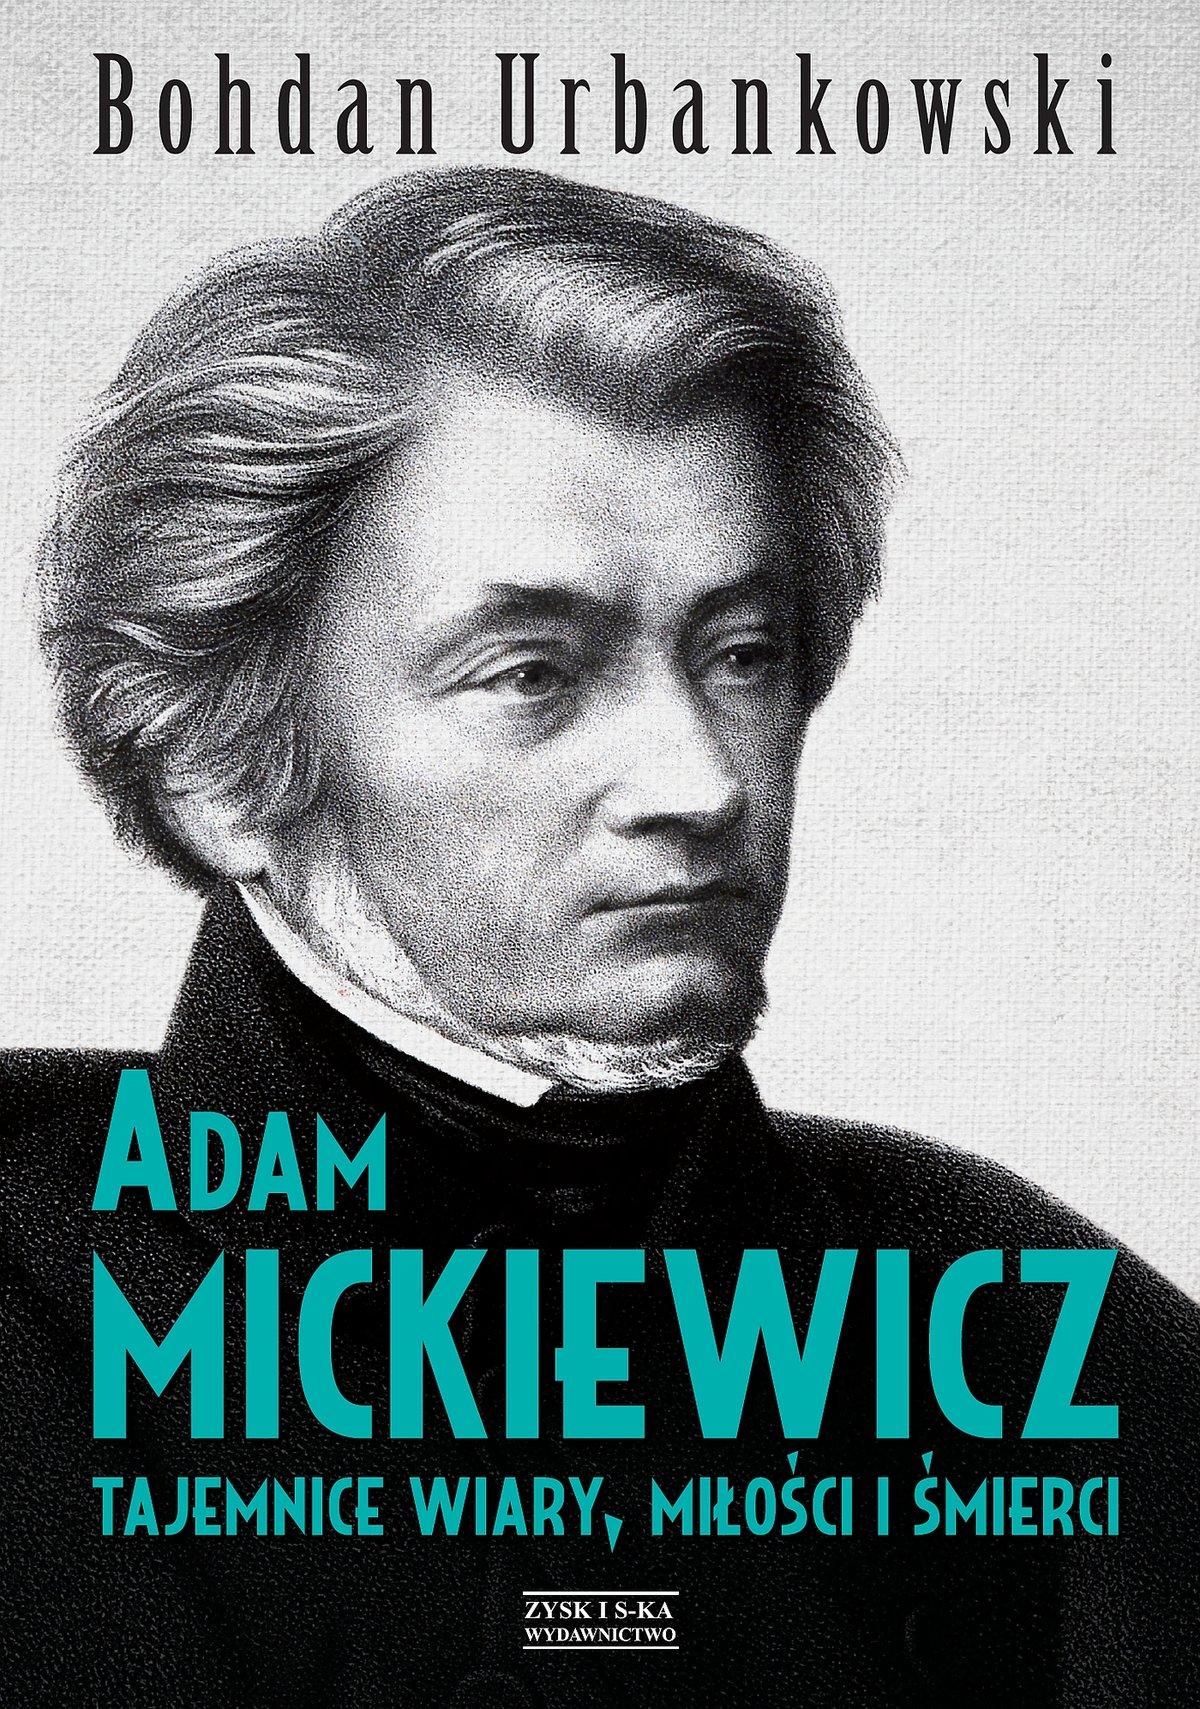 Adam Mickiewicz. Tajemnice wiary, miłości i śmierci - Ebook (Książka na Kindle) do pobrania w formacie MOBI